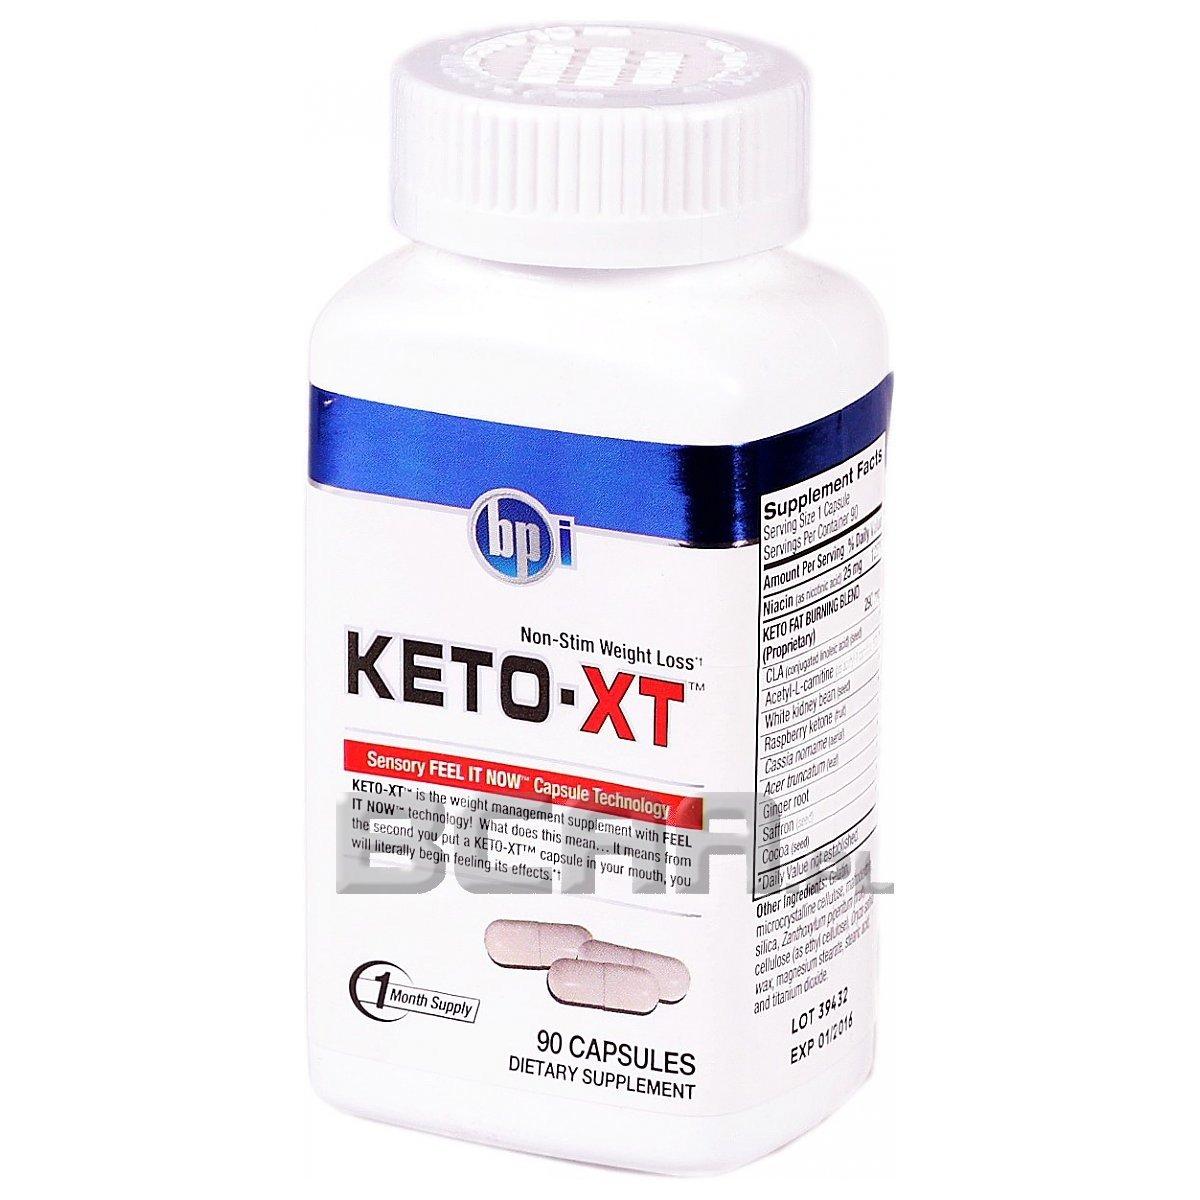 Keto xt and roxylean